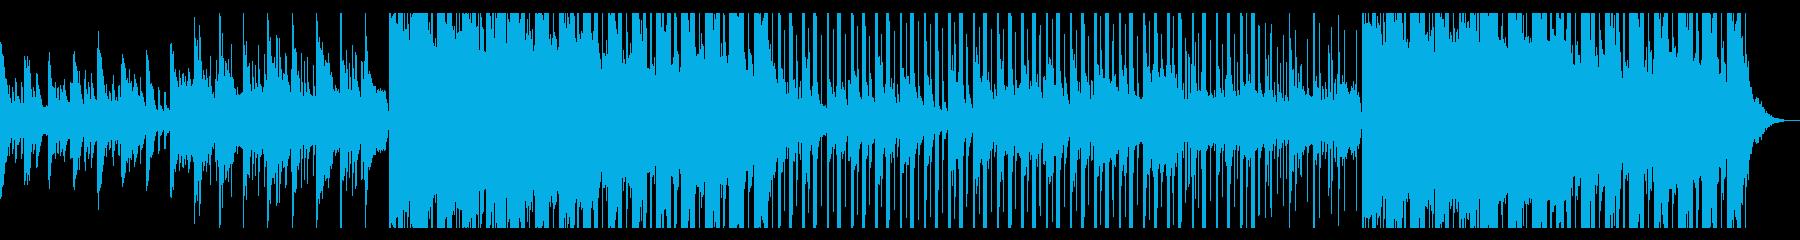 秋の帰り道、切ないピアノ、HIPHOPの再生済みの波形